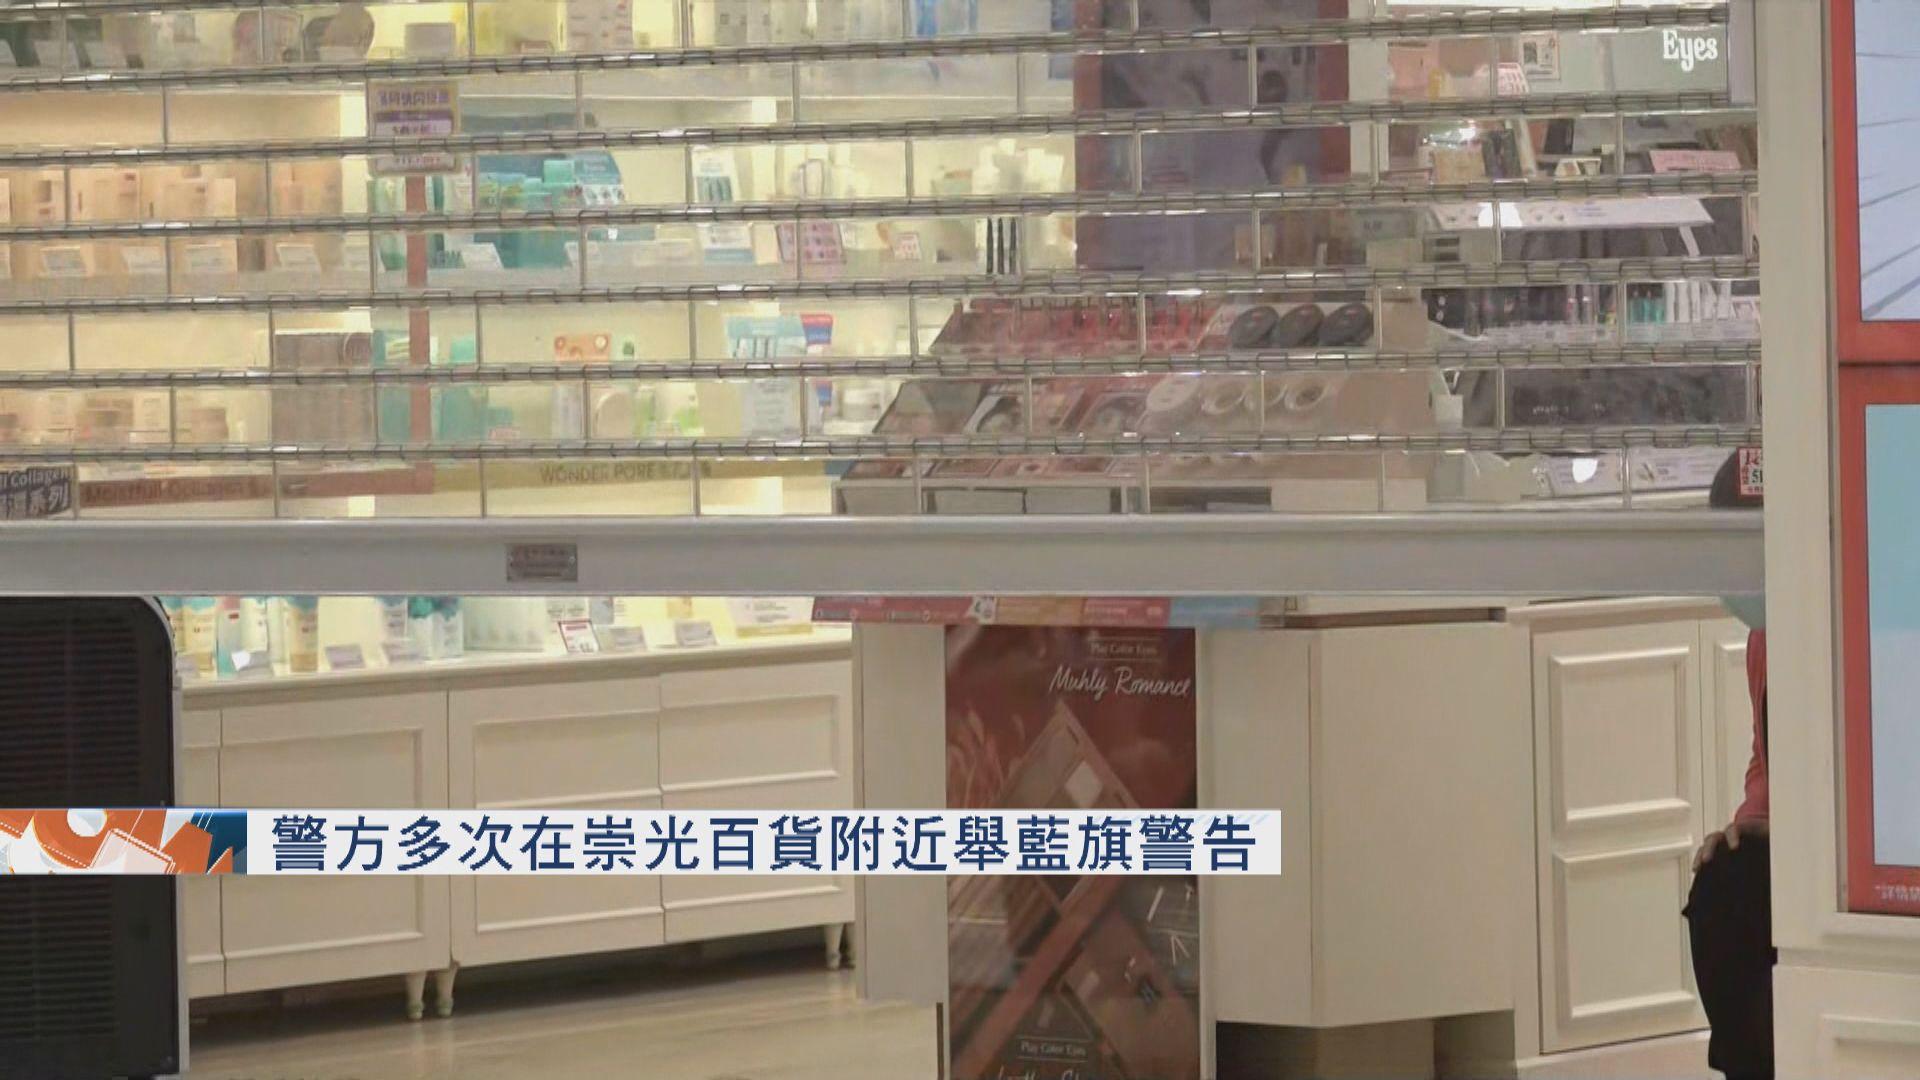 警方多次在崇光百貨附近舉藍旗警告 部分商戶落閘